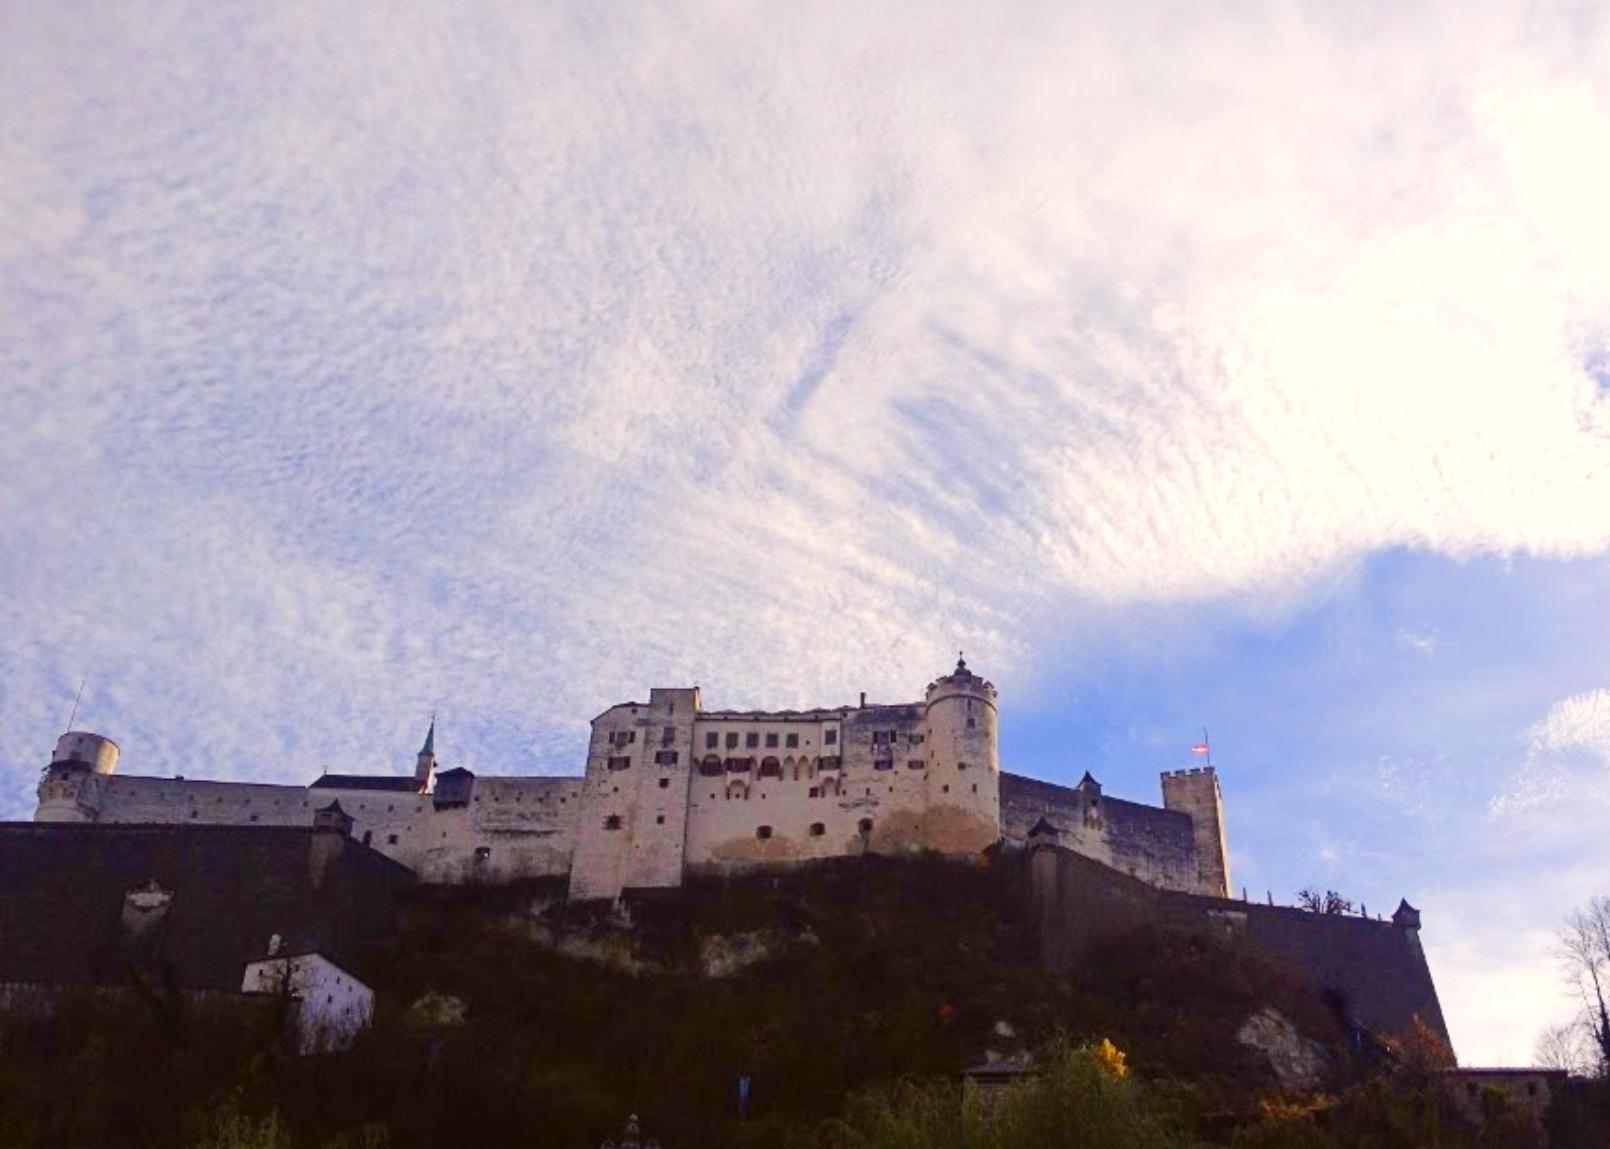 Do alto de um paredão de pedra, a fortaleza guarda a cidade de Salzburgo, na Áustria, há mais de 940 anos. Foto: Carolina Werneck/Gazeta do Povo